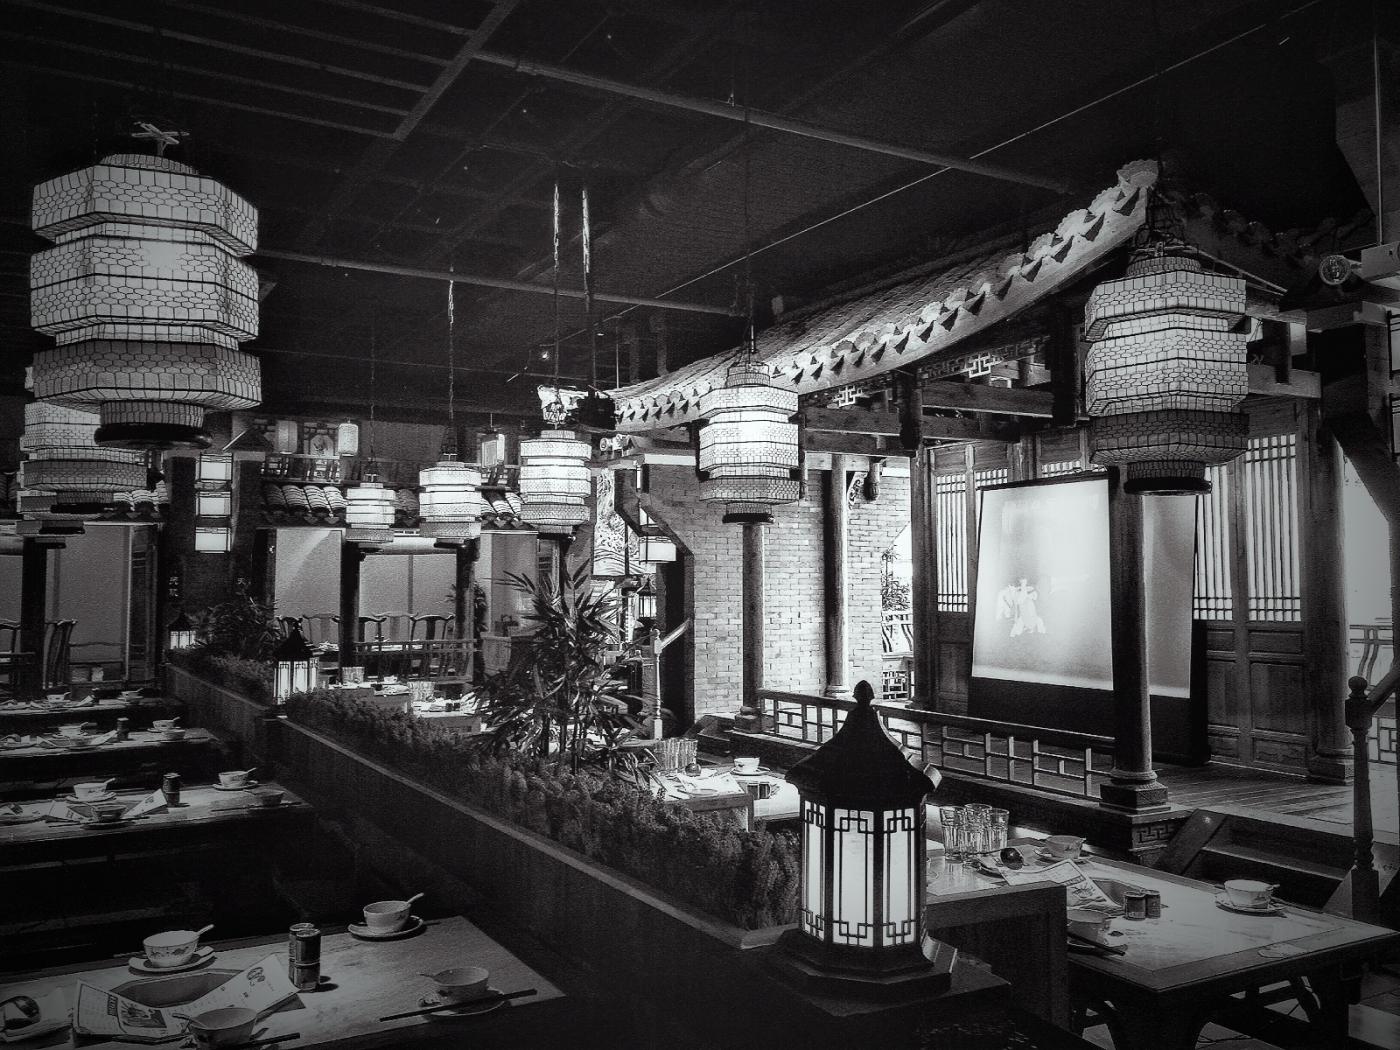 【盲流摄影】纽约法拉盛的中餐馆品味在提升-手机摄影_图1-44